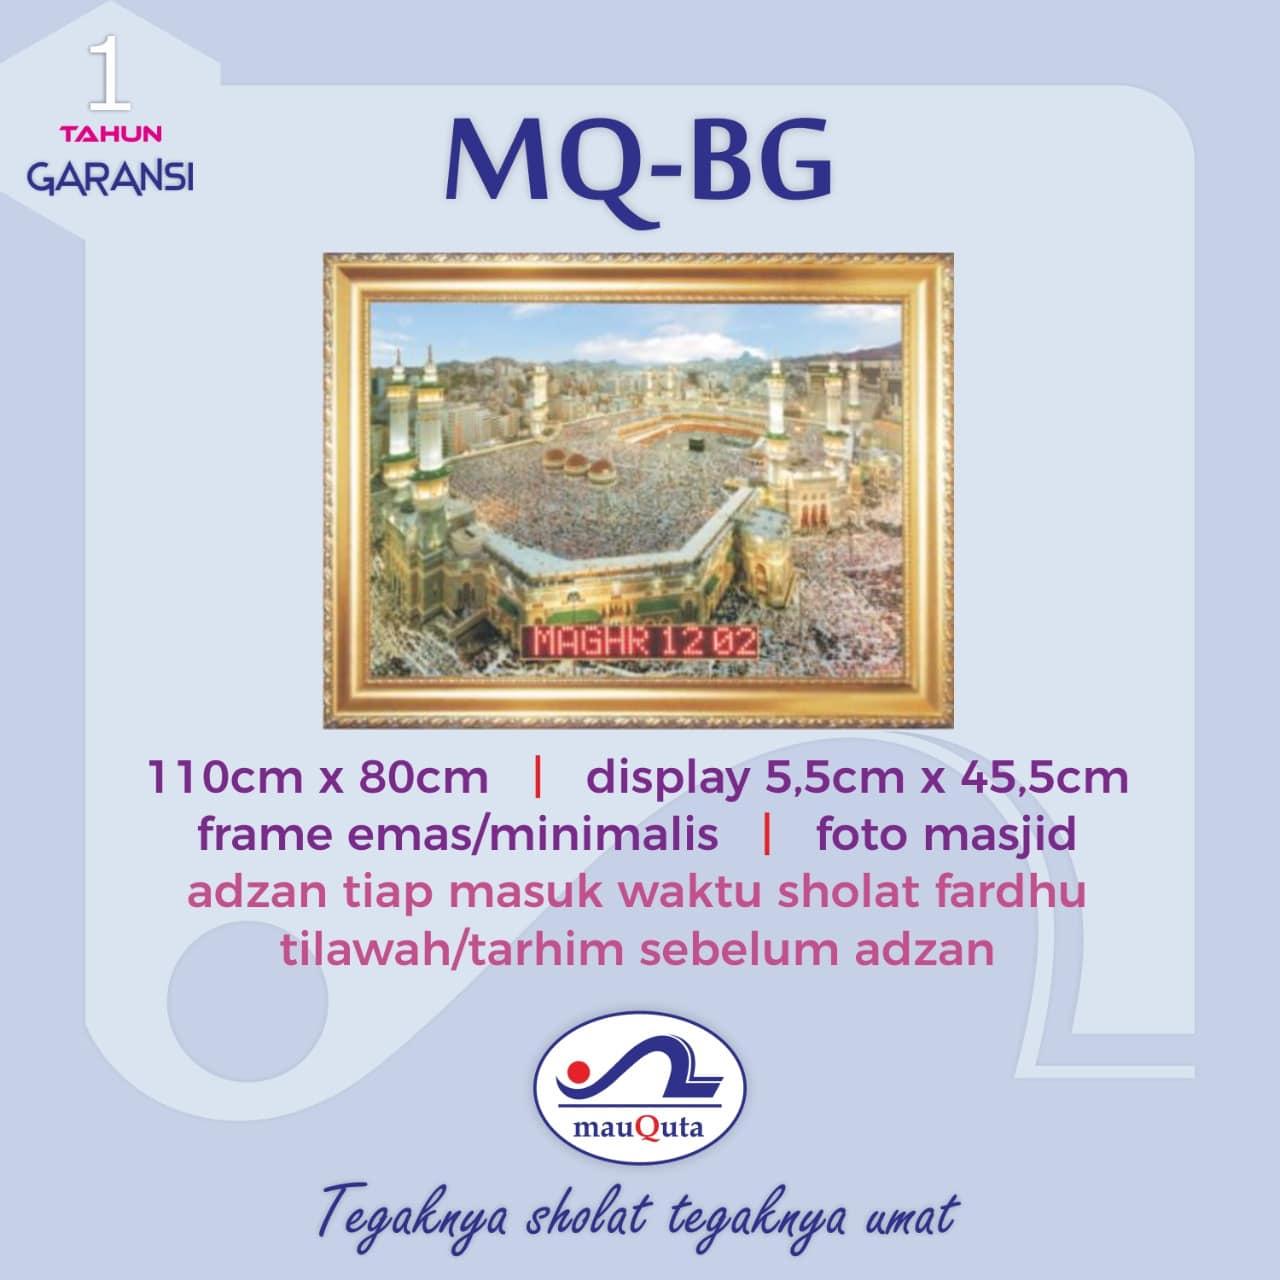 Jual Jam Digital Masjid Di Jogyakarta